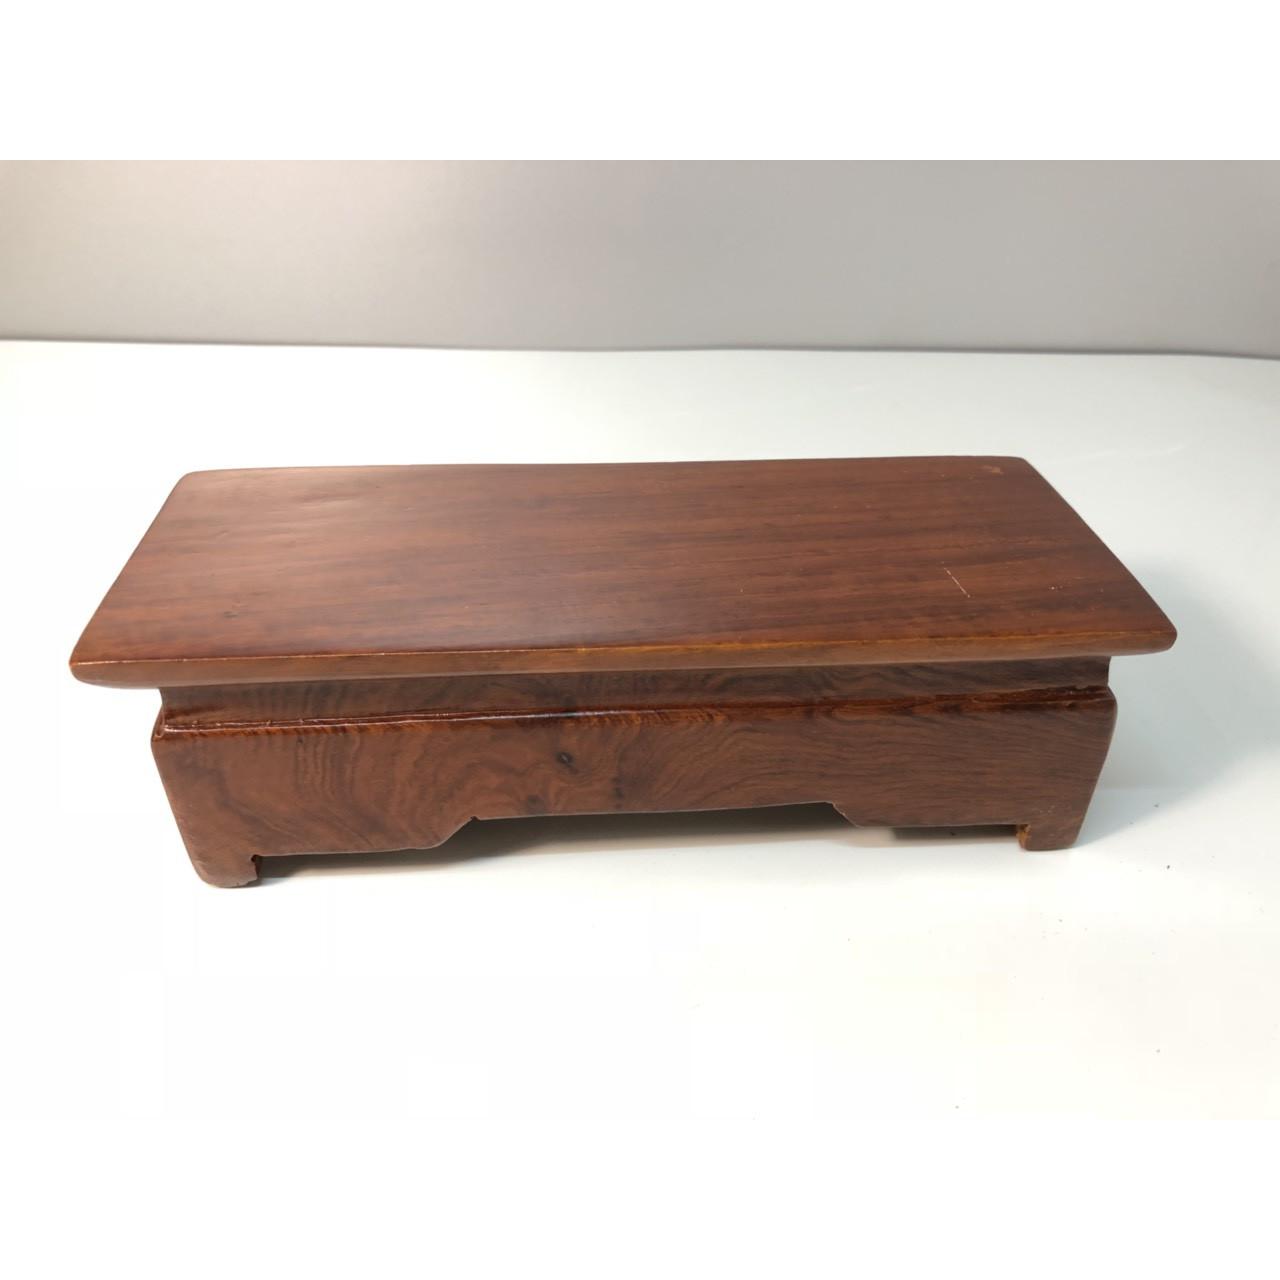 Đế gỗ hương - 8x20x6 cm